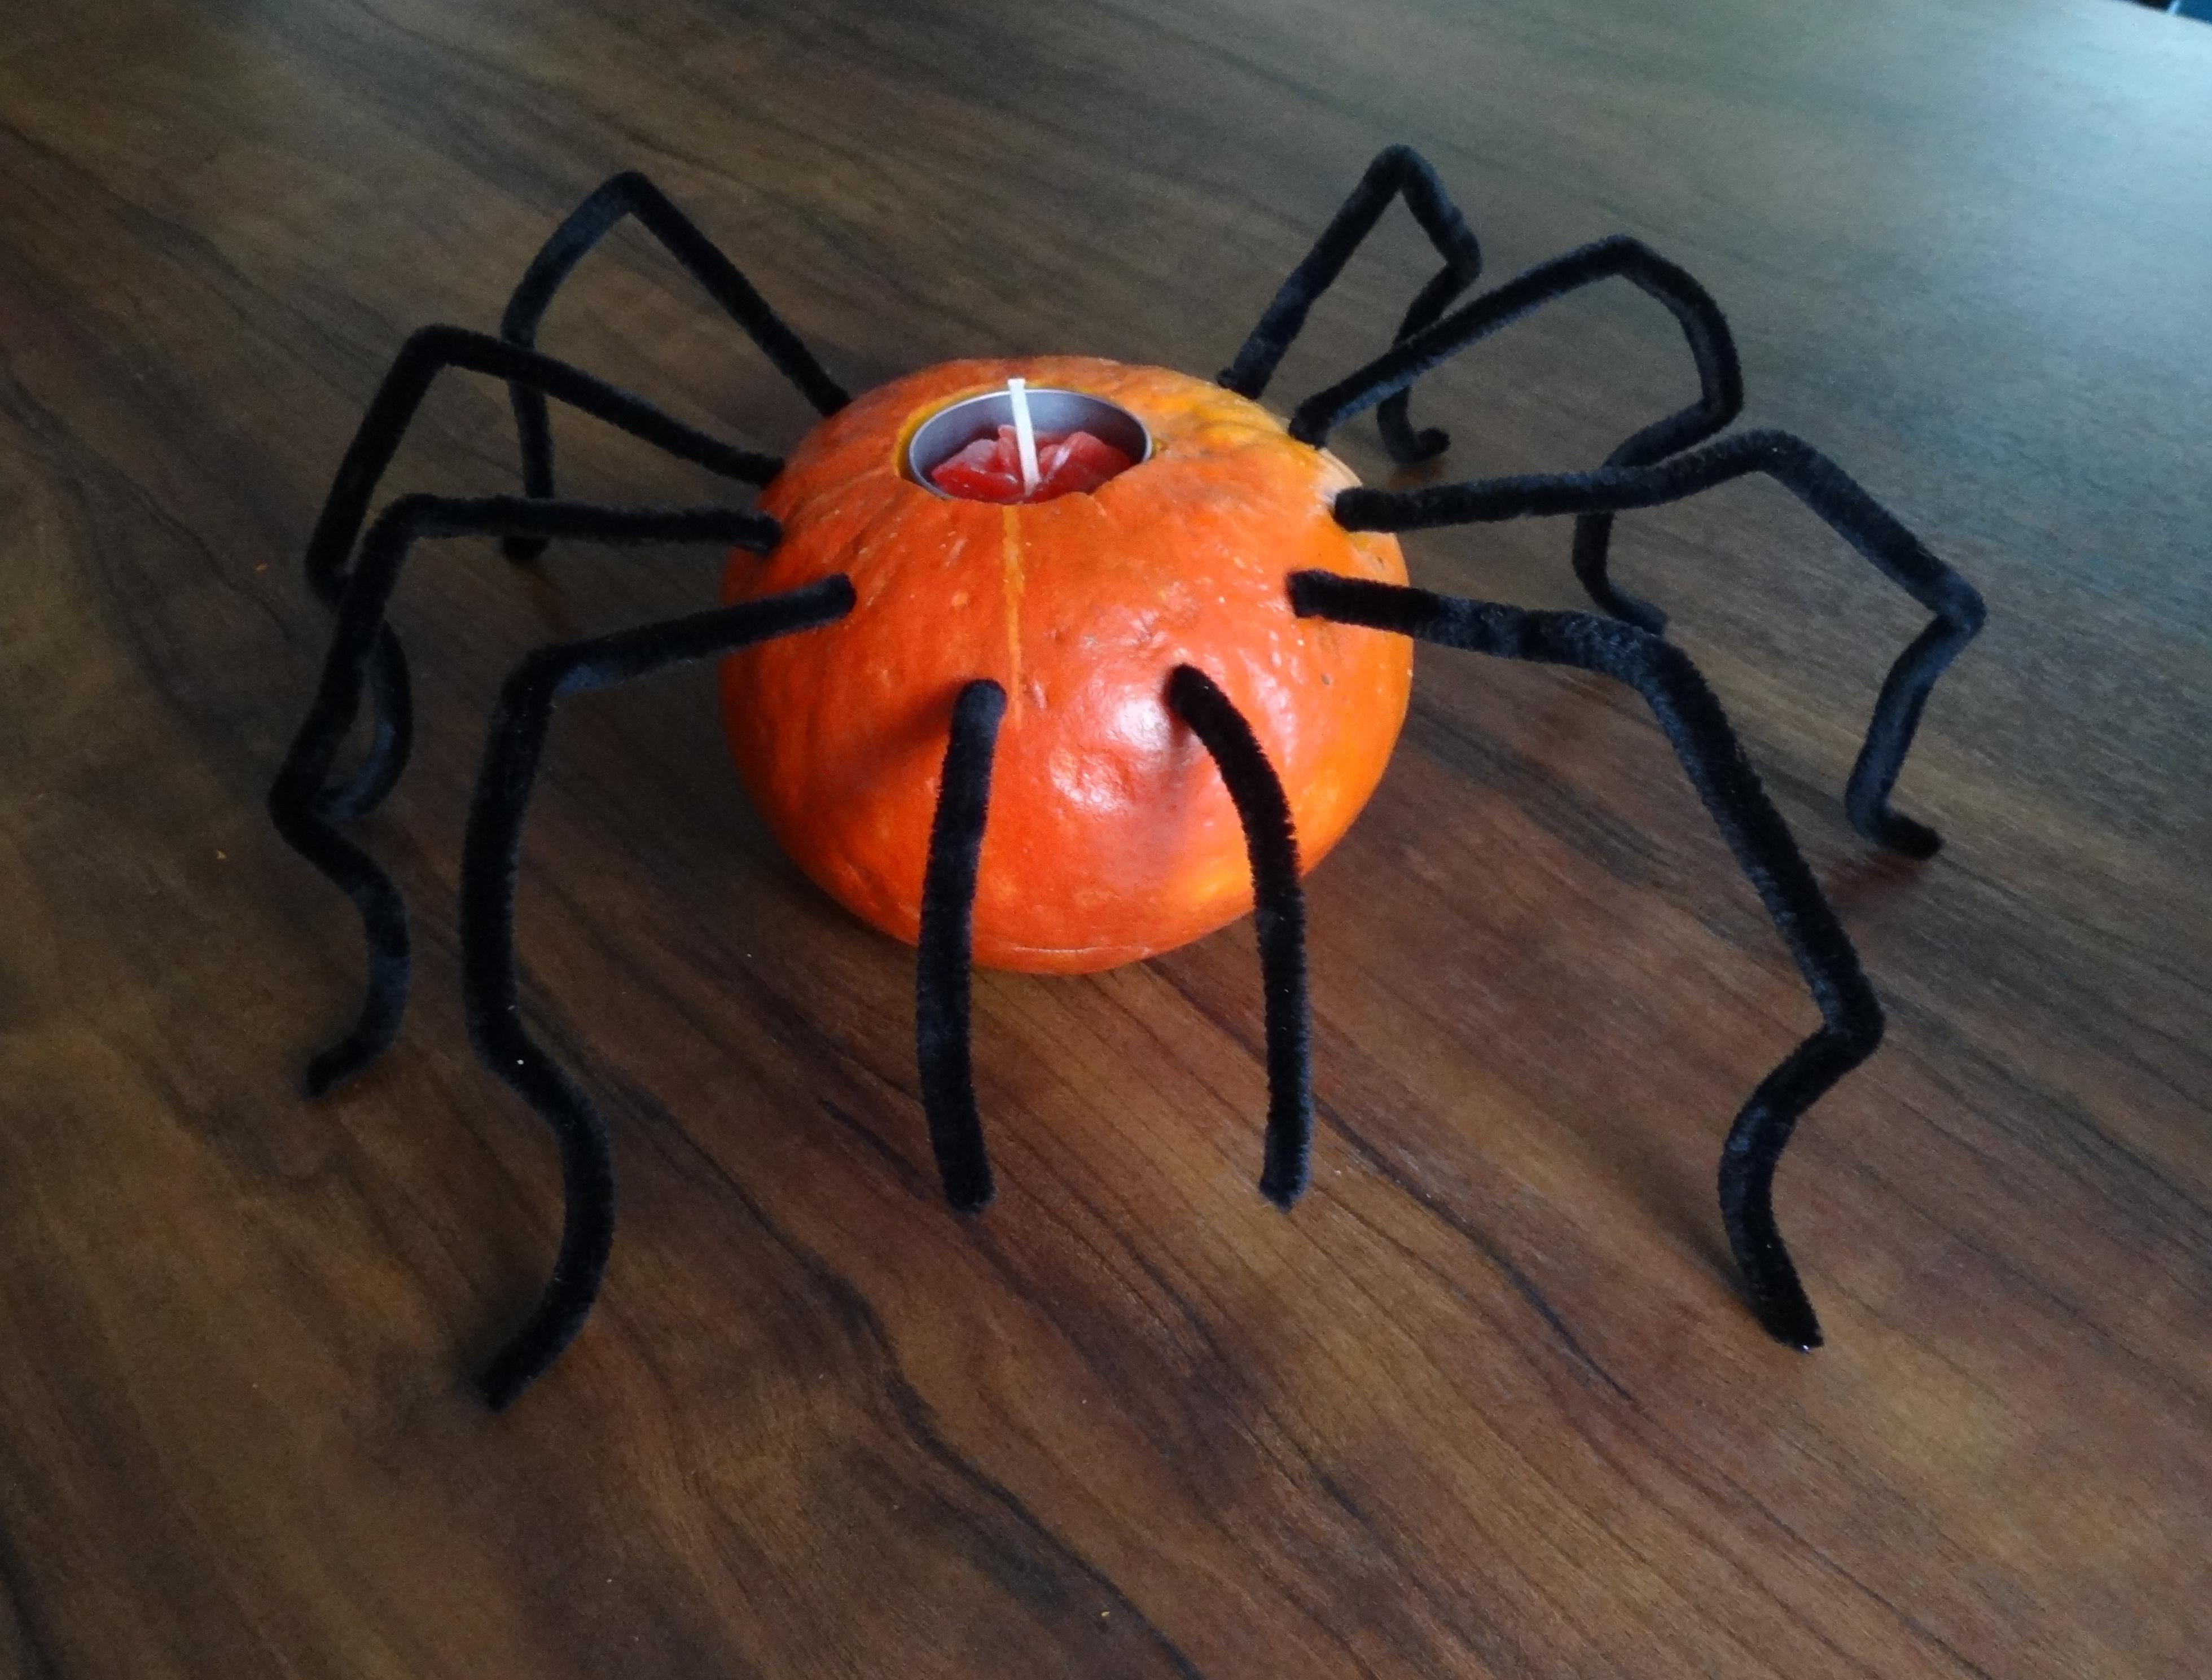 Dekoracja na Halloween. świecznik z dyni w kształcie pająka